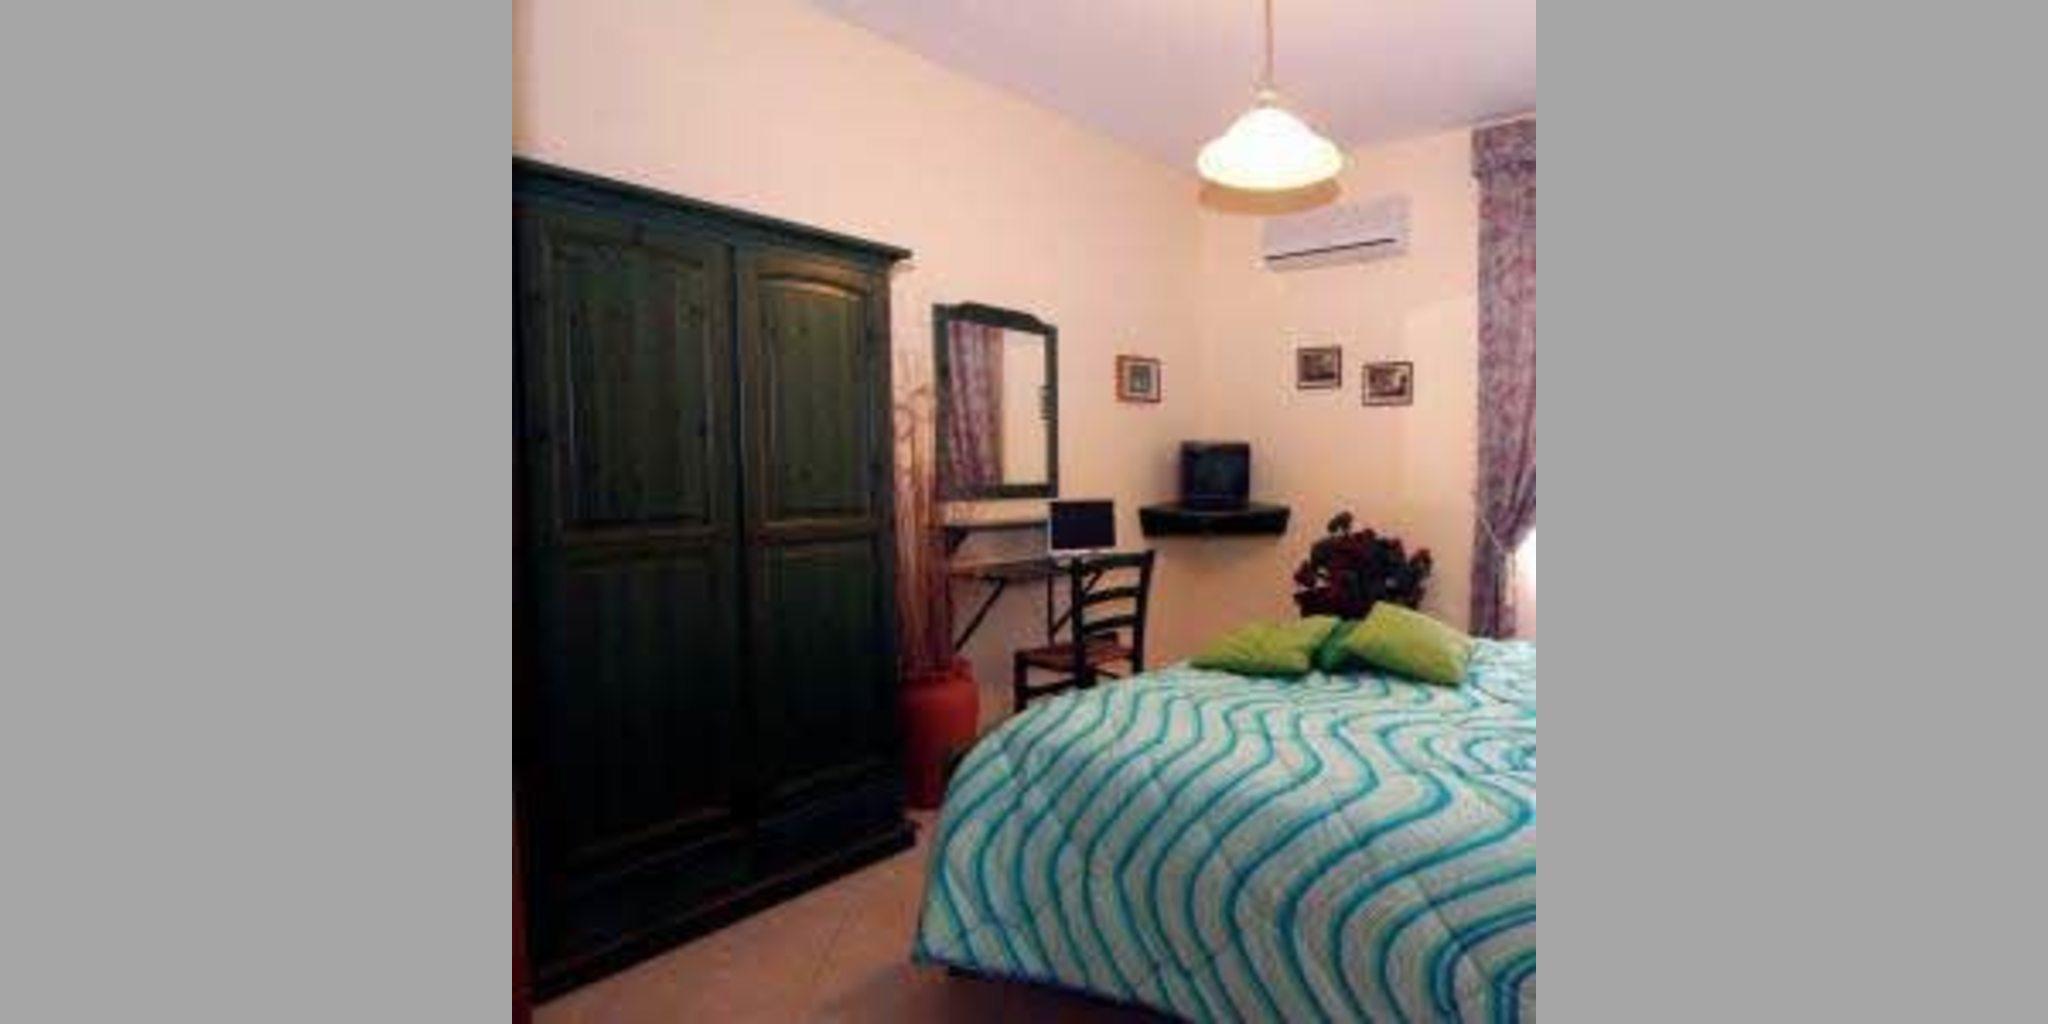 Bed & Breakfast Torre Annunziata - Umberto I1